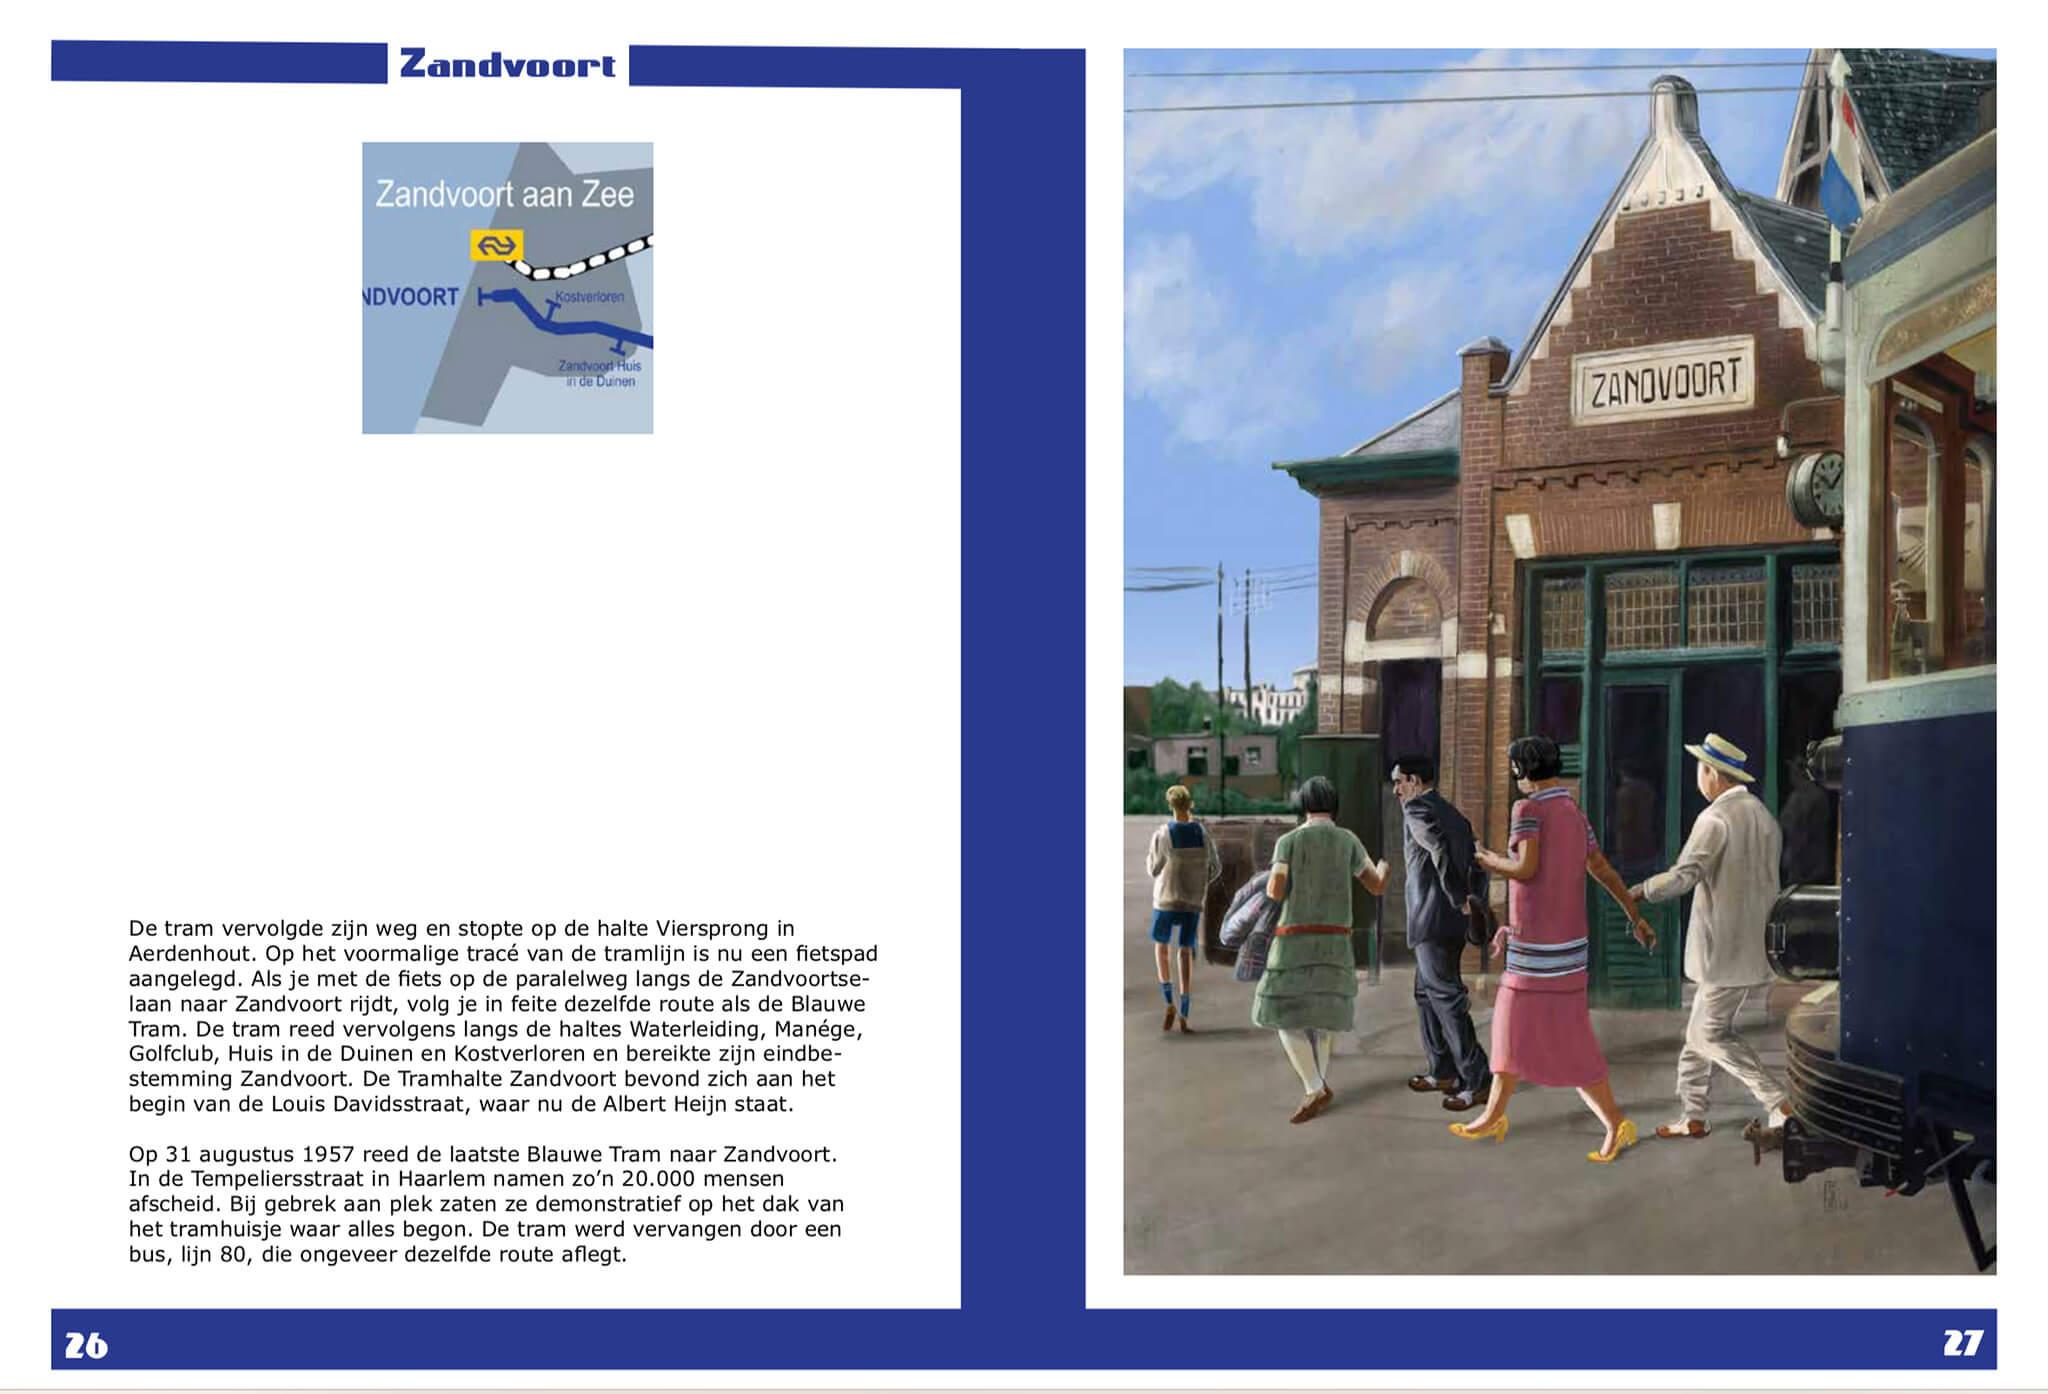 We gaan naar Zandvoort! een digitale reis van verleden naar heden Softcover boek door Stefan de Groot